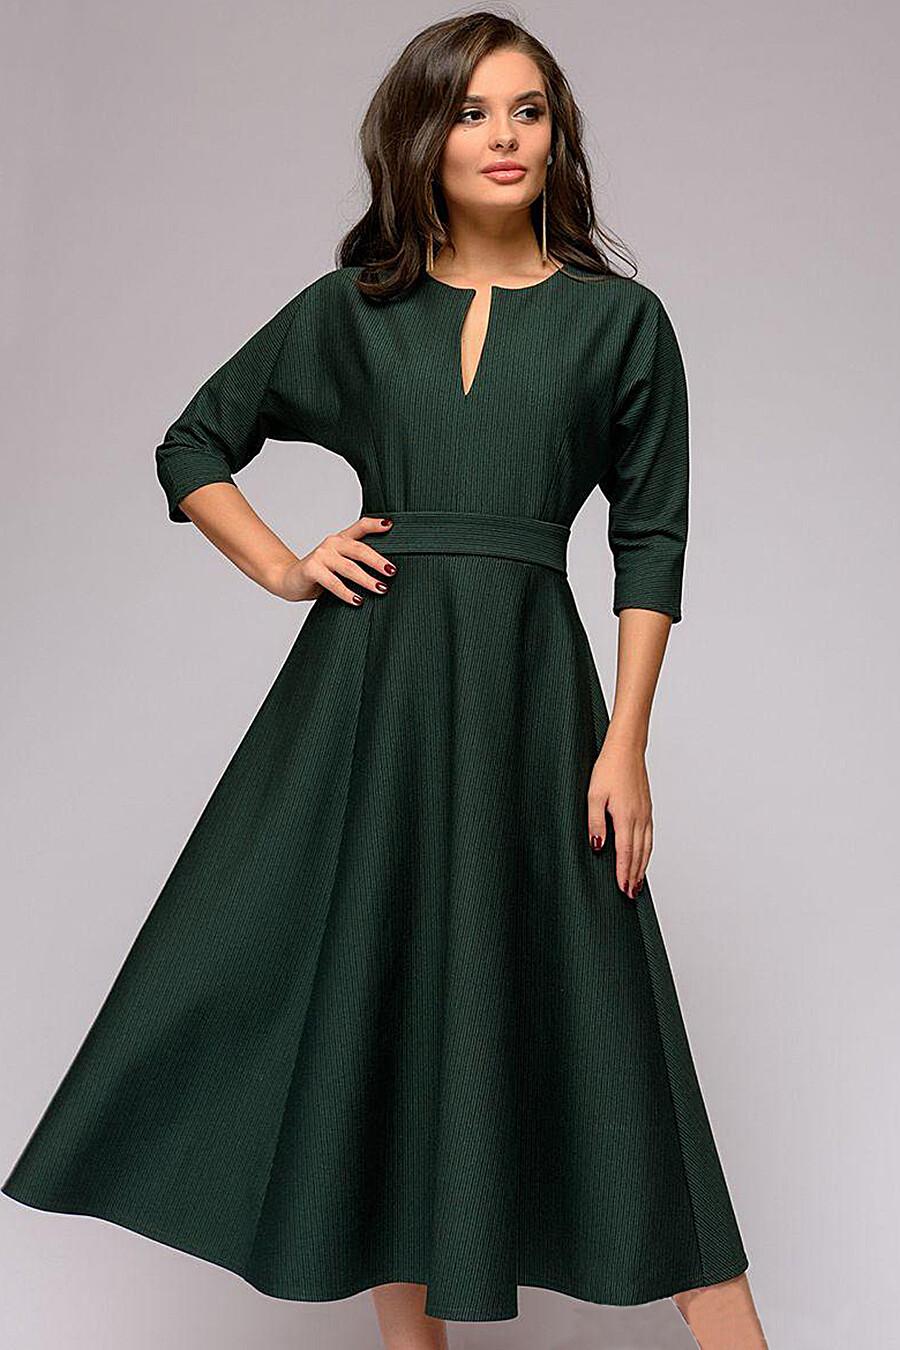 Платье для женщин 1001 DRESS 130990 купить оптом от производителя. Совместная покупка женской одежды в OptMoyo